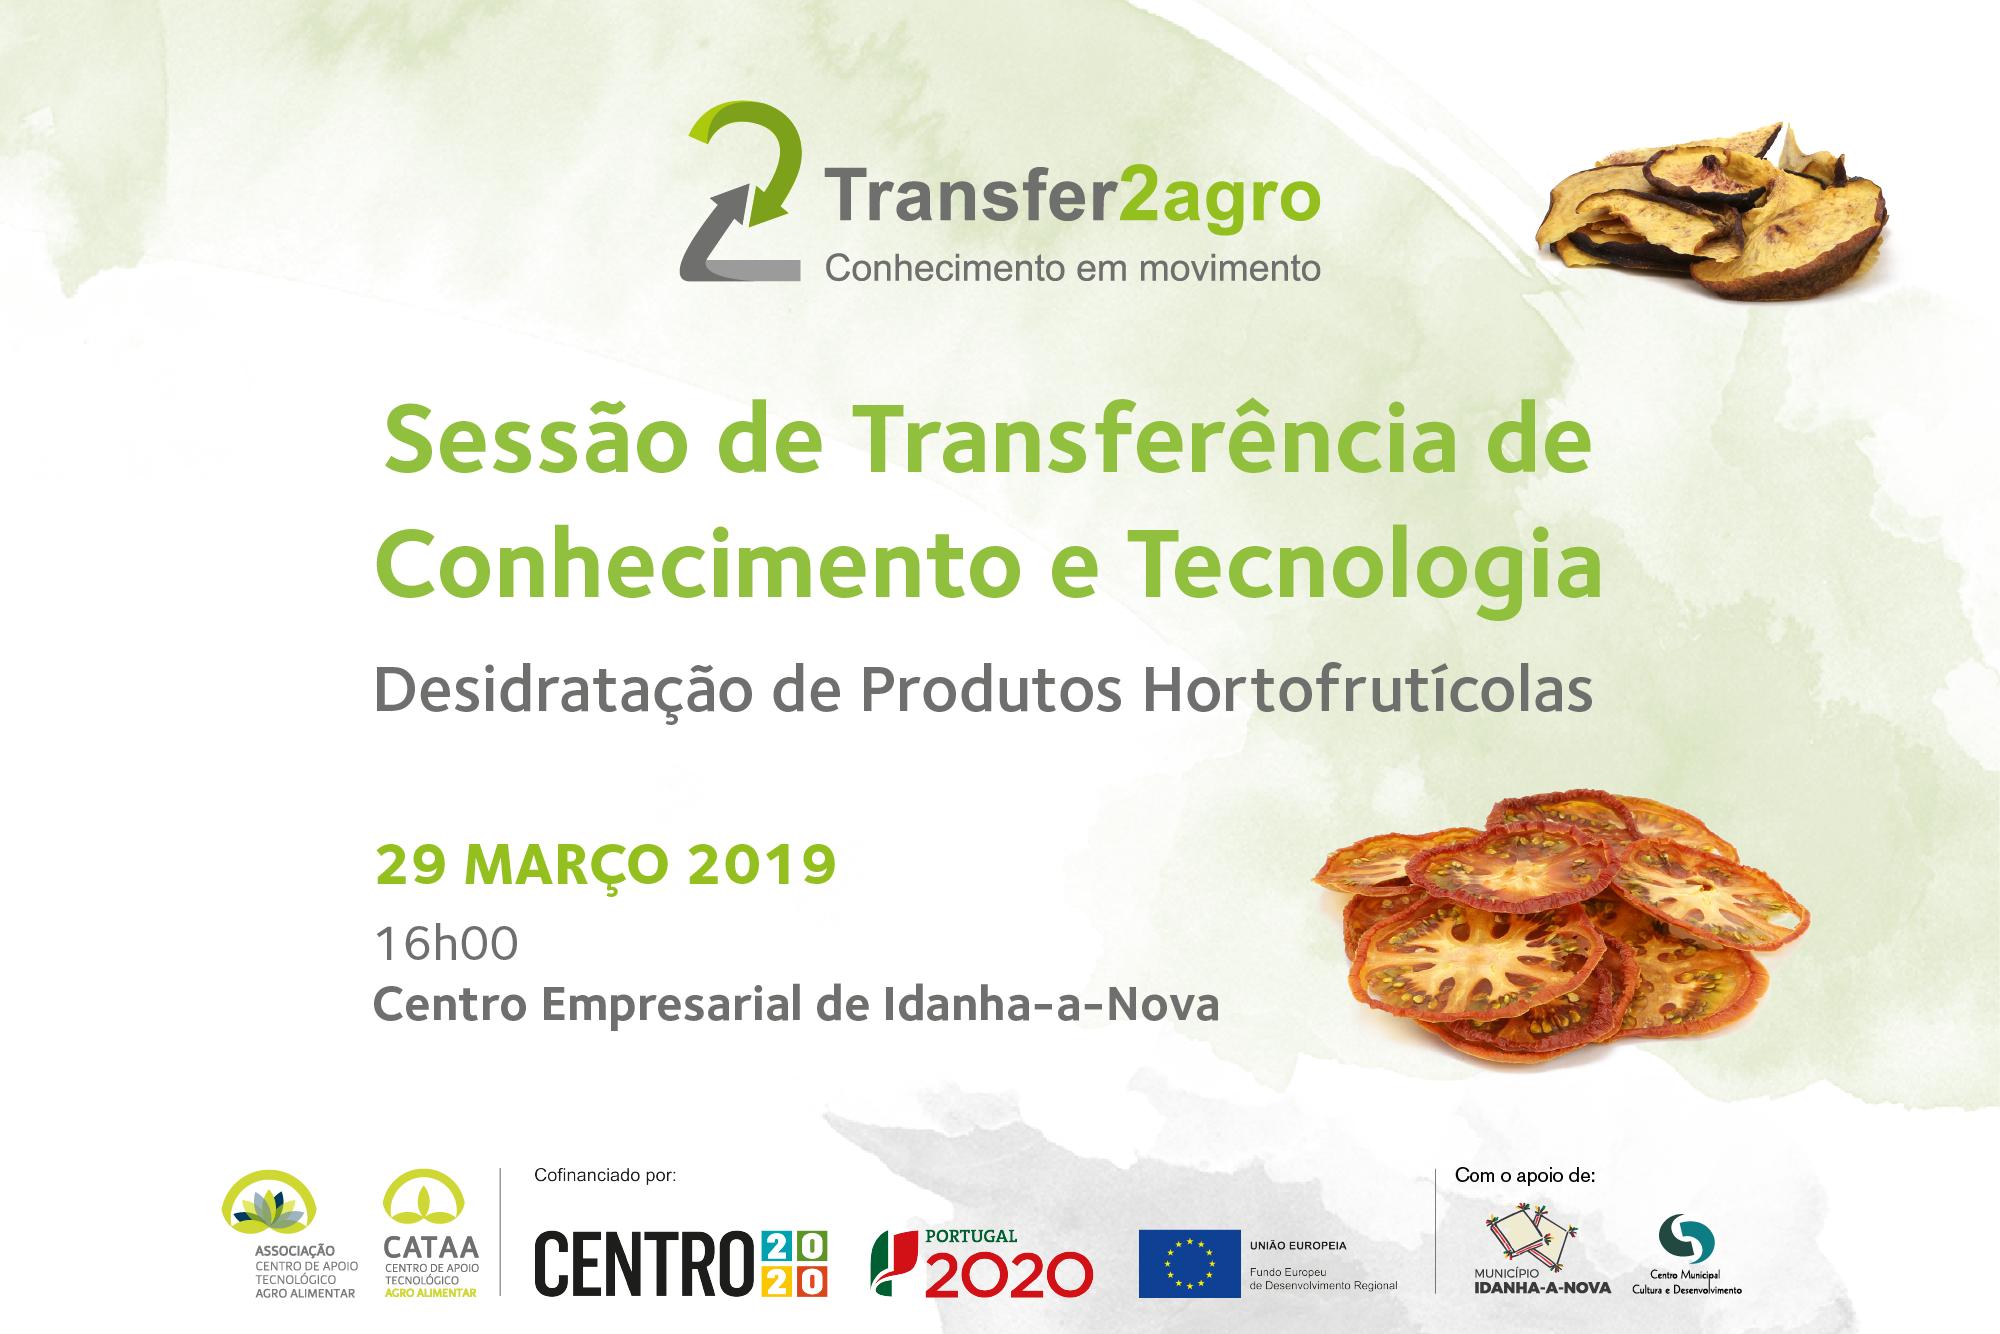 Sessão de Transferência de Conhecimento e Tecnologia   Idanha-a-Nova  29 março 2019